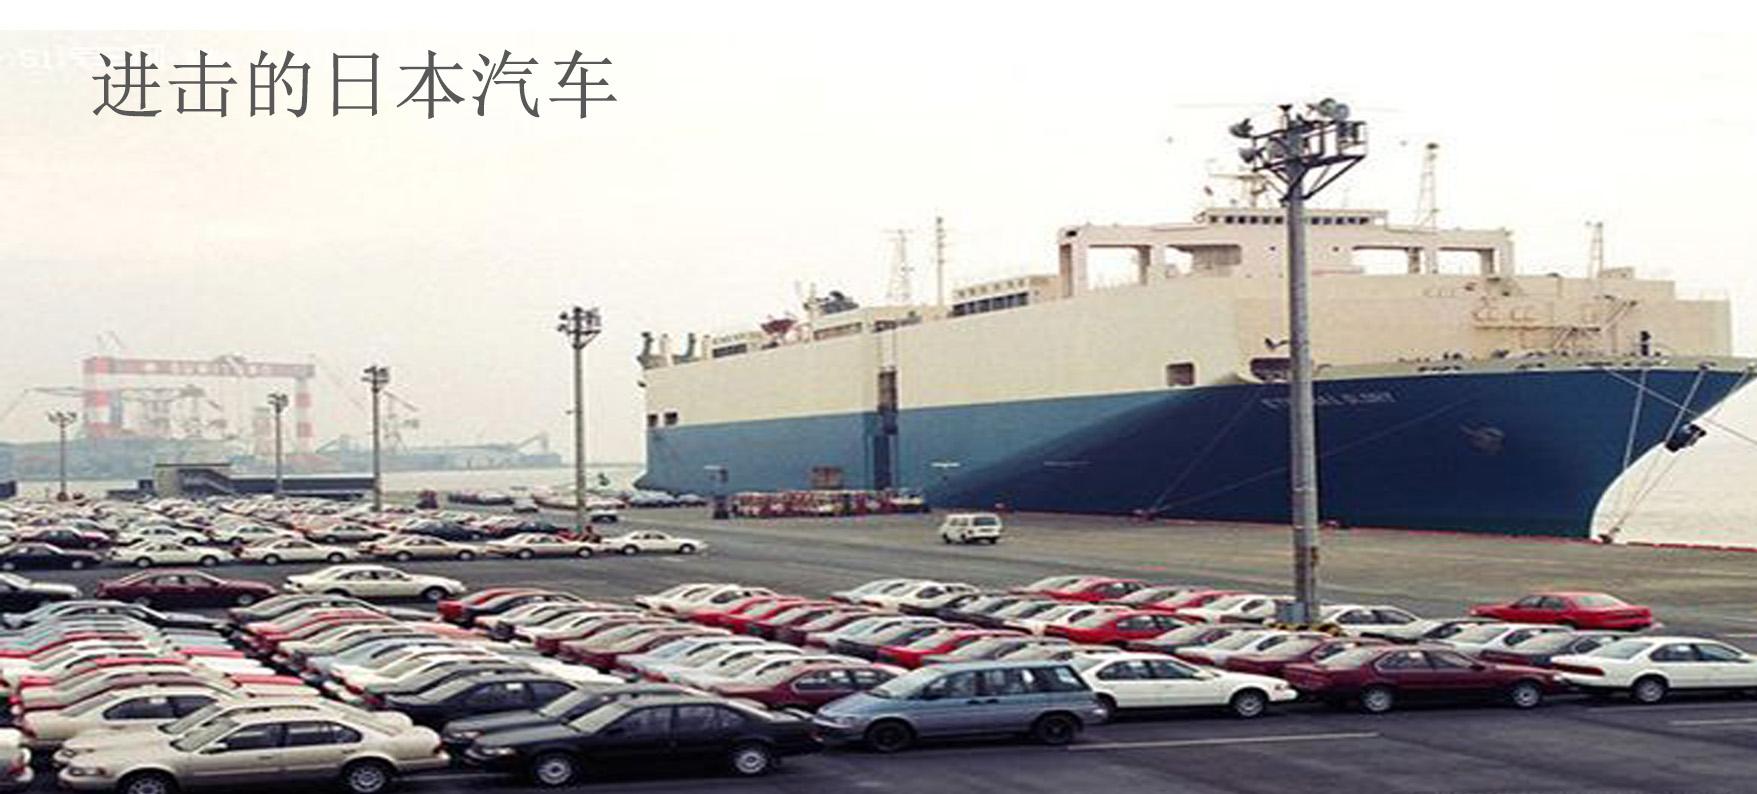 日本经济--日本汽车工业发展史(二)-日本生活小